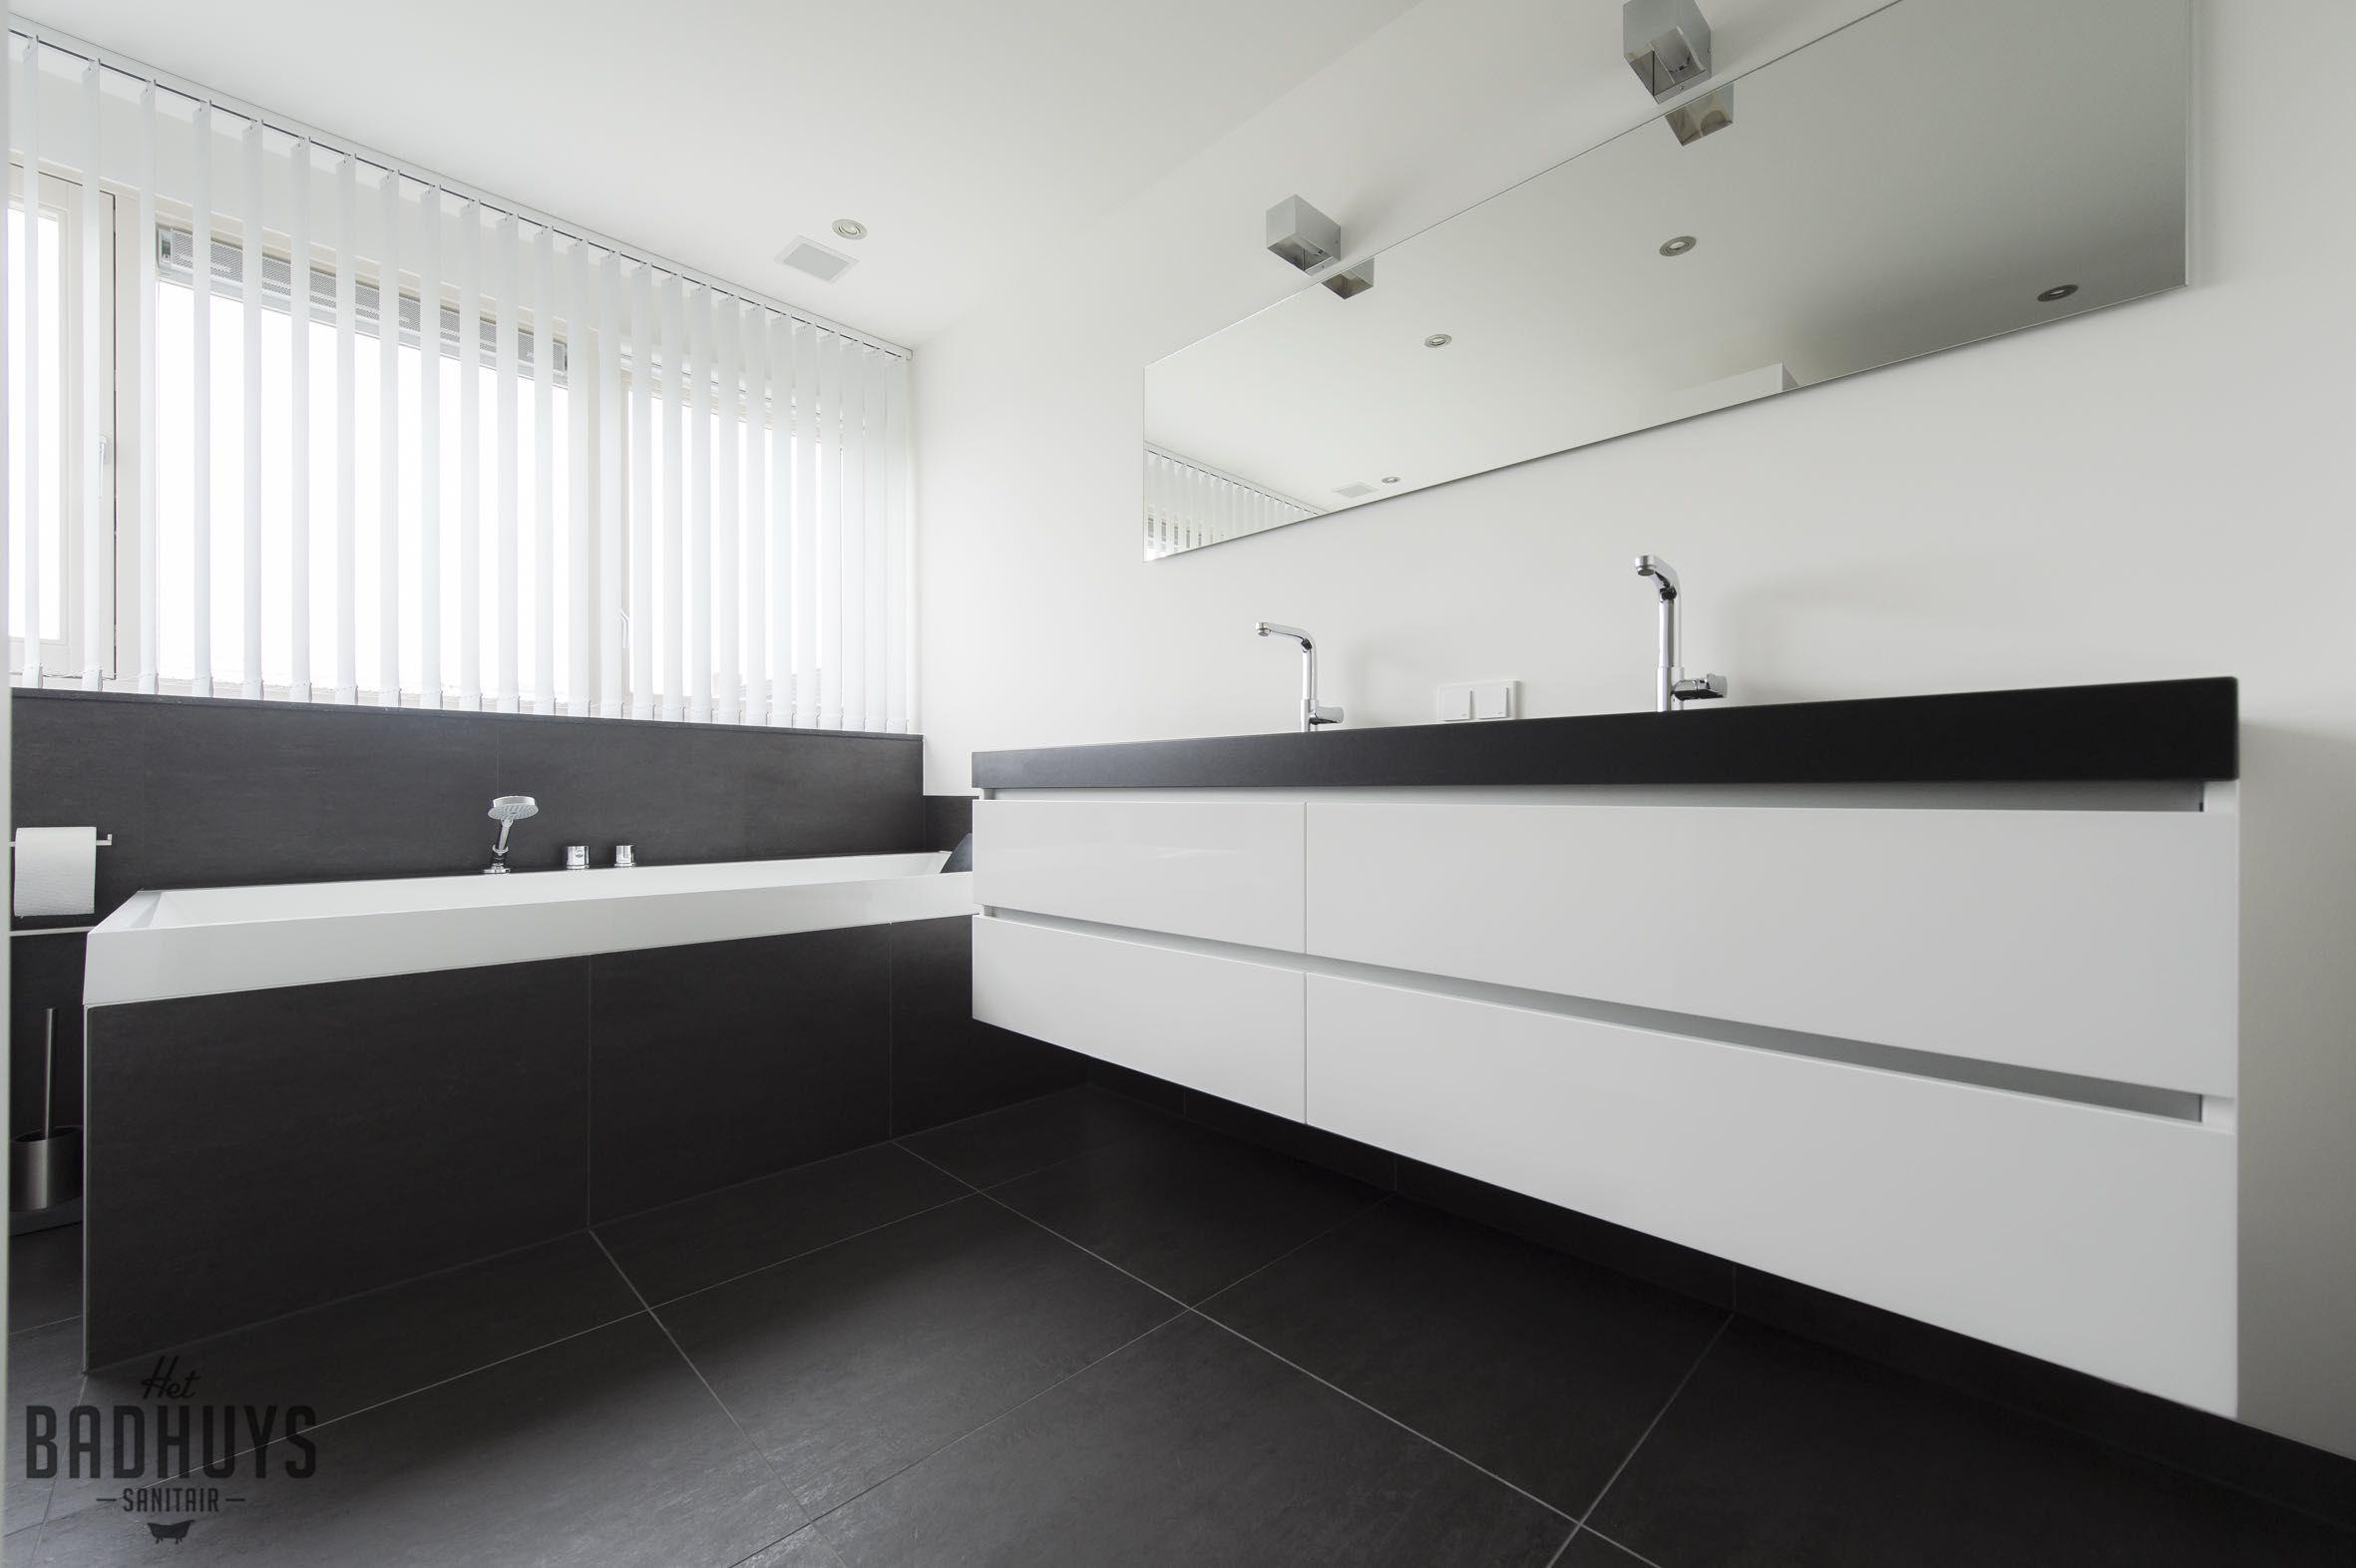 Moderne Badkamer combinatie van zwart en wit, Het Badhuys Breda ...